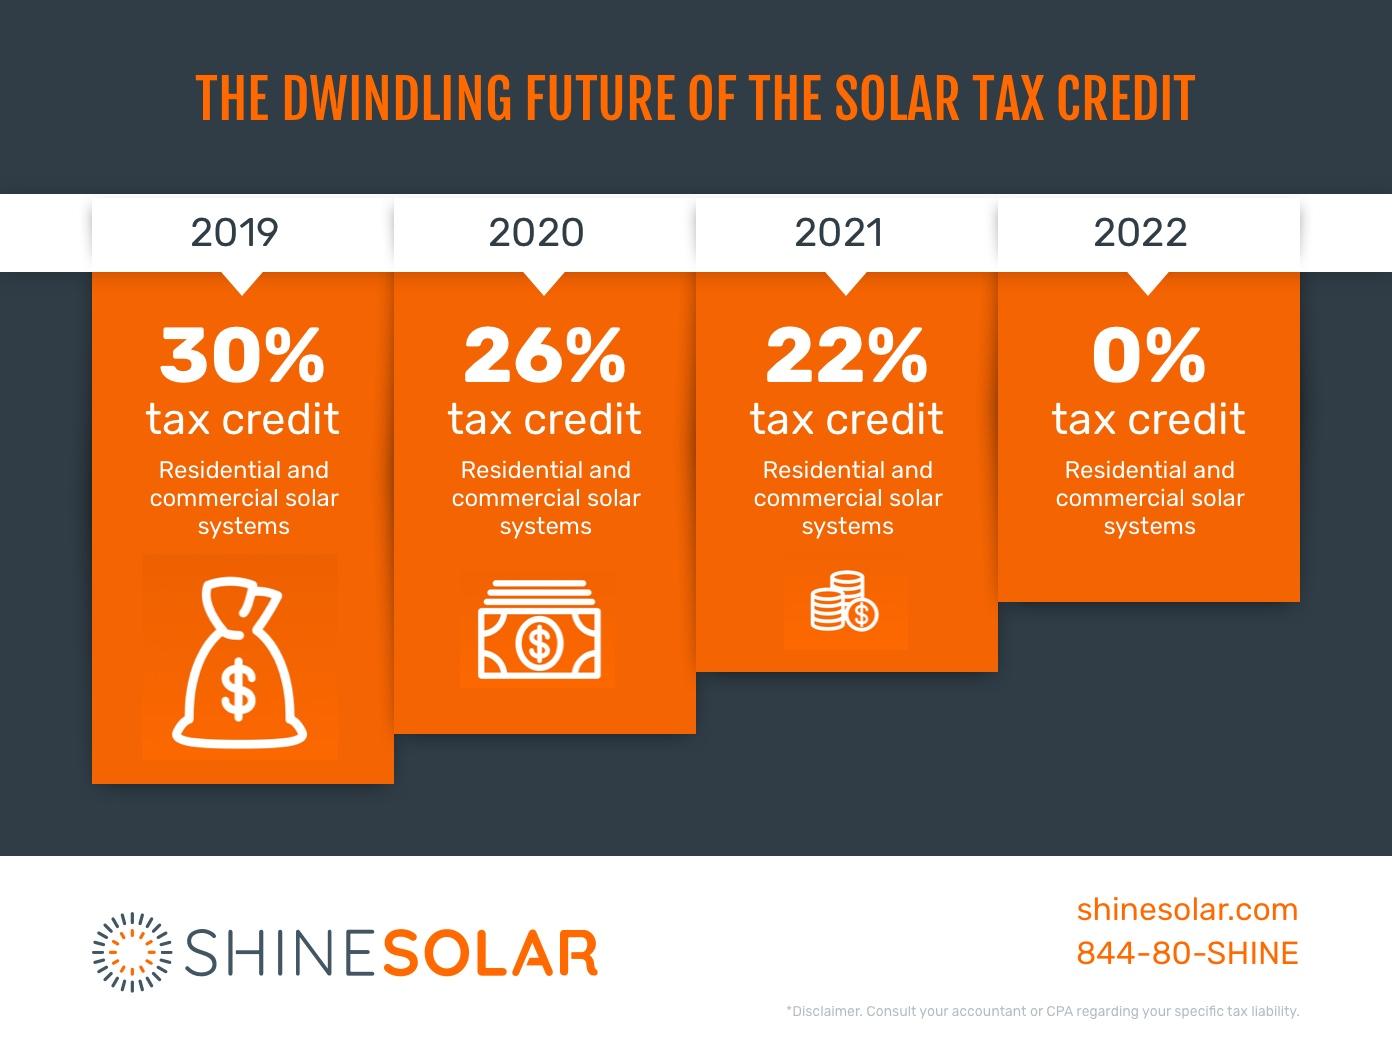 ITC solar tax credit